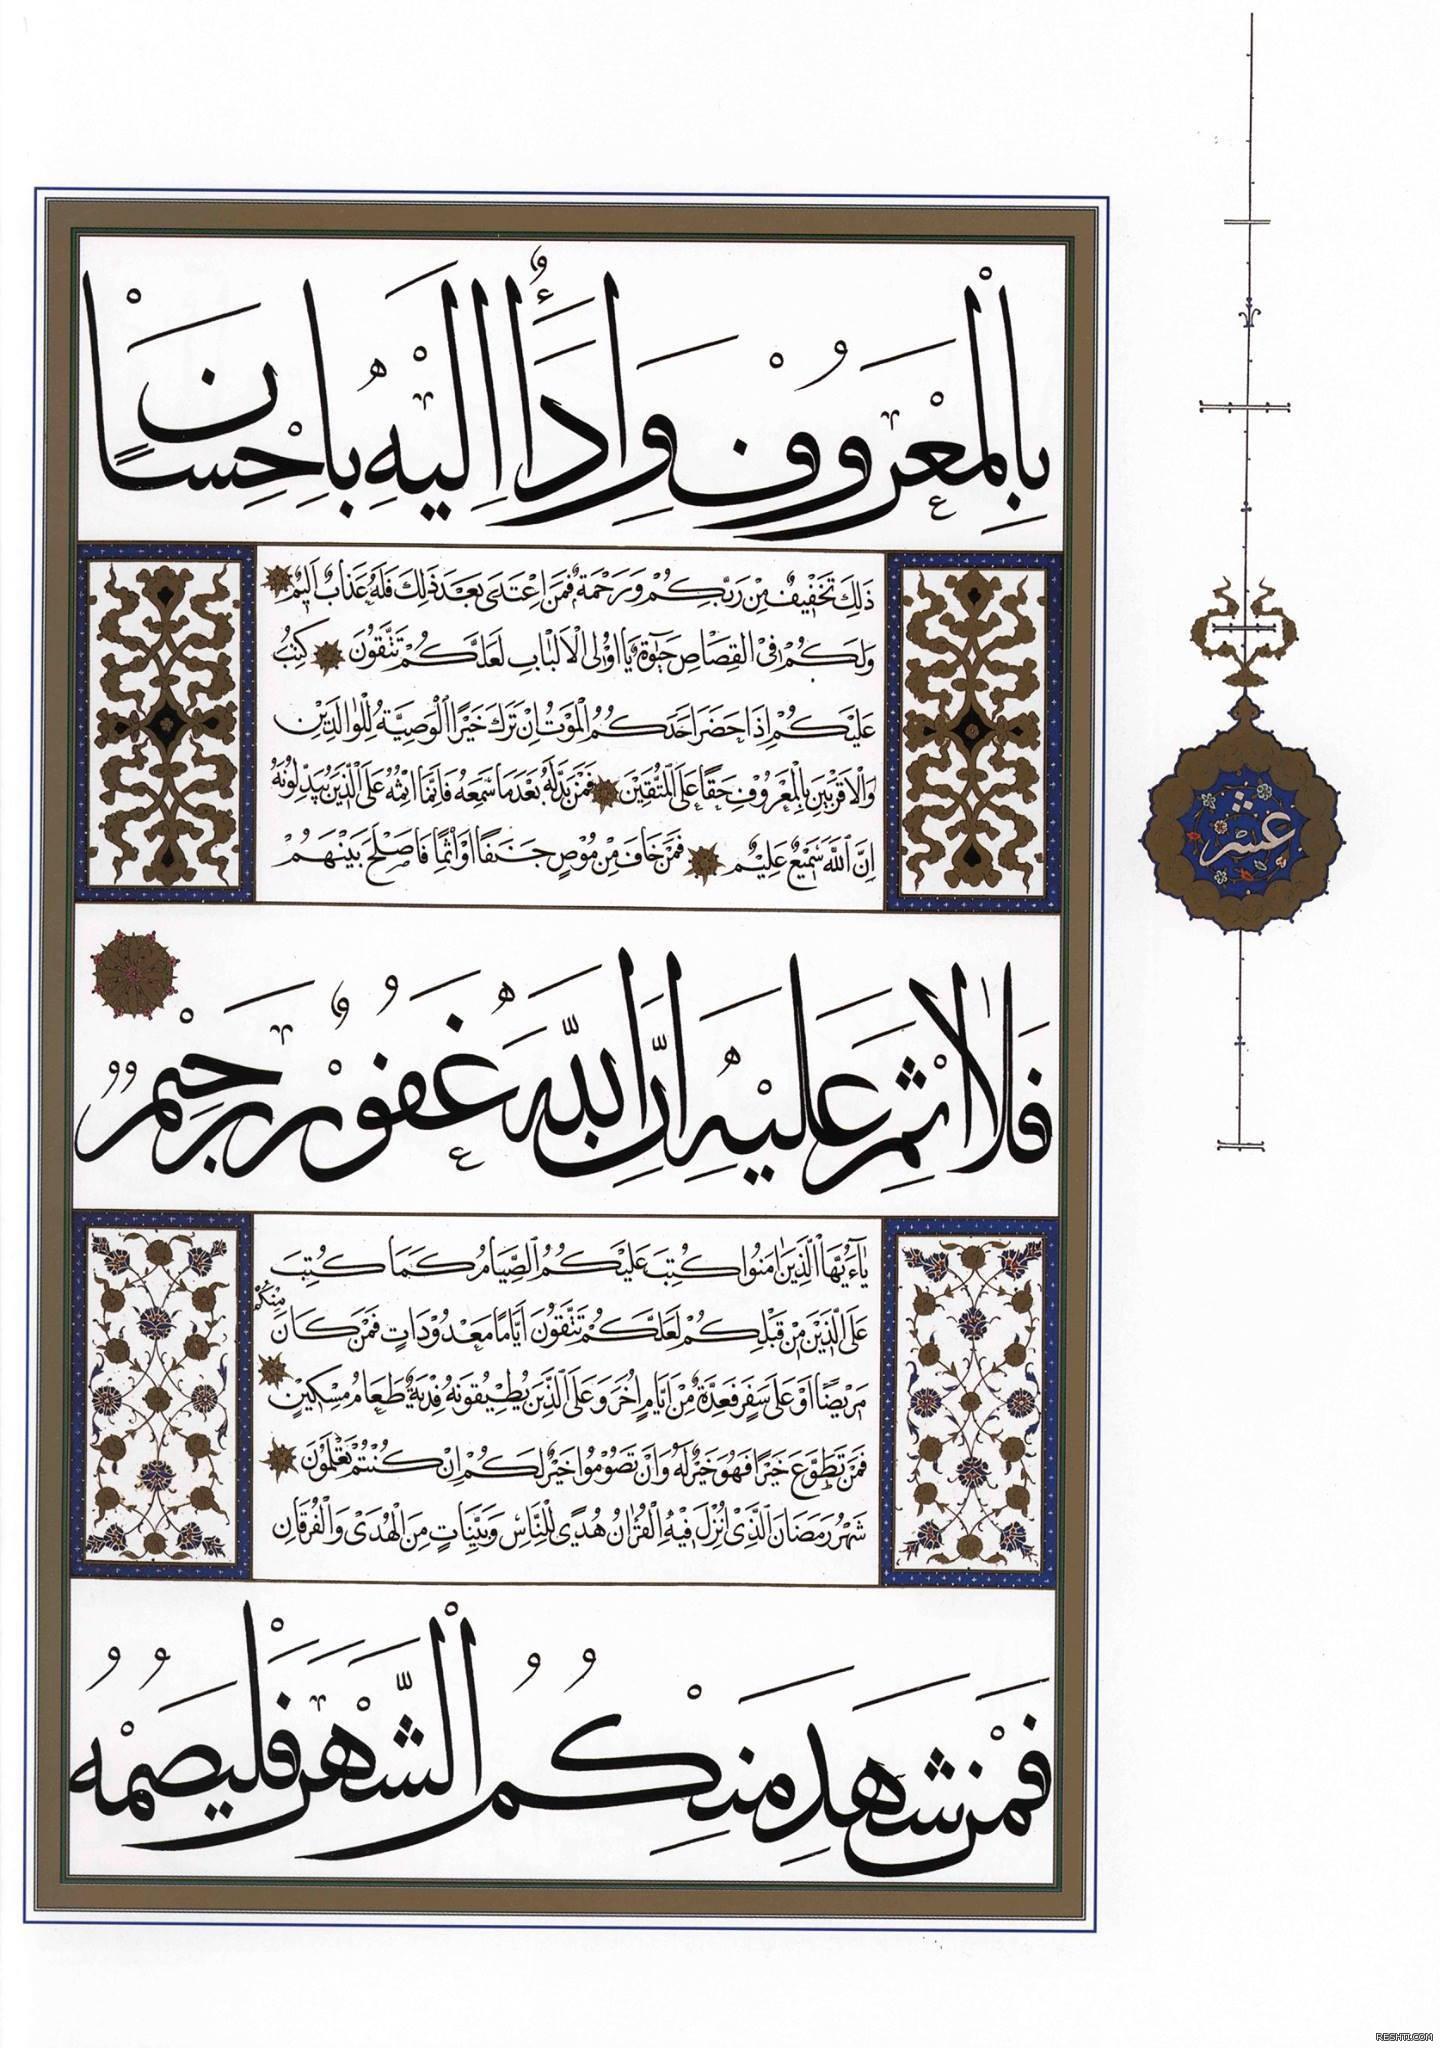 من مصحف بخط المحقق كتبه الخطاط أحمد قره حصاري